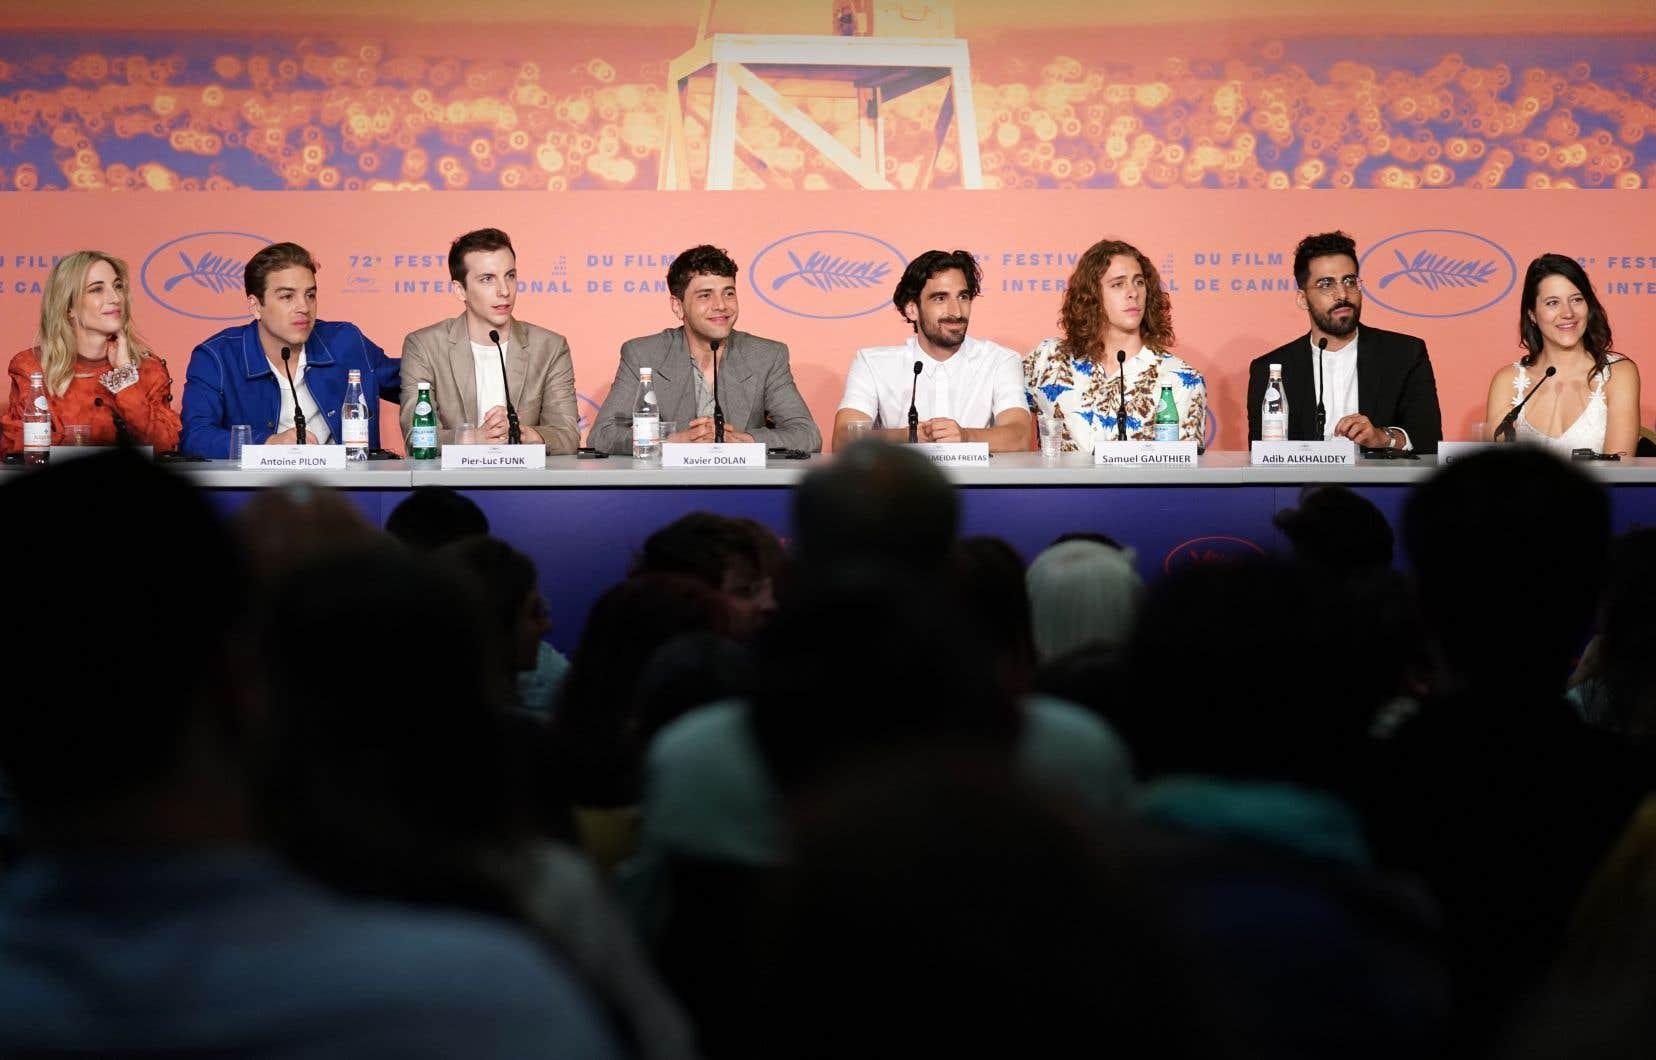 De gauche à droite: la productrice Nancy Grant, suivie des acteurs Antoine Pilon, Pier-Luc Funk, Xavier Dolan, Gabriel D'Almeida Freitas, Samuel Gauthier, Adib Alkhalidey et Catherine Brunet.